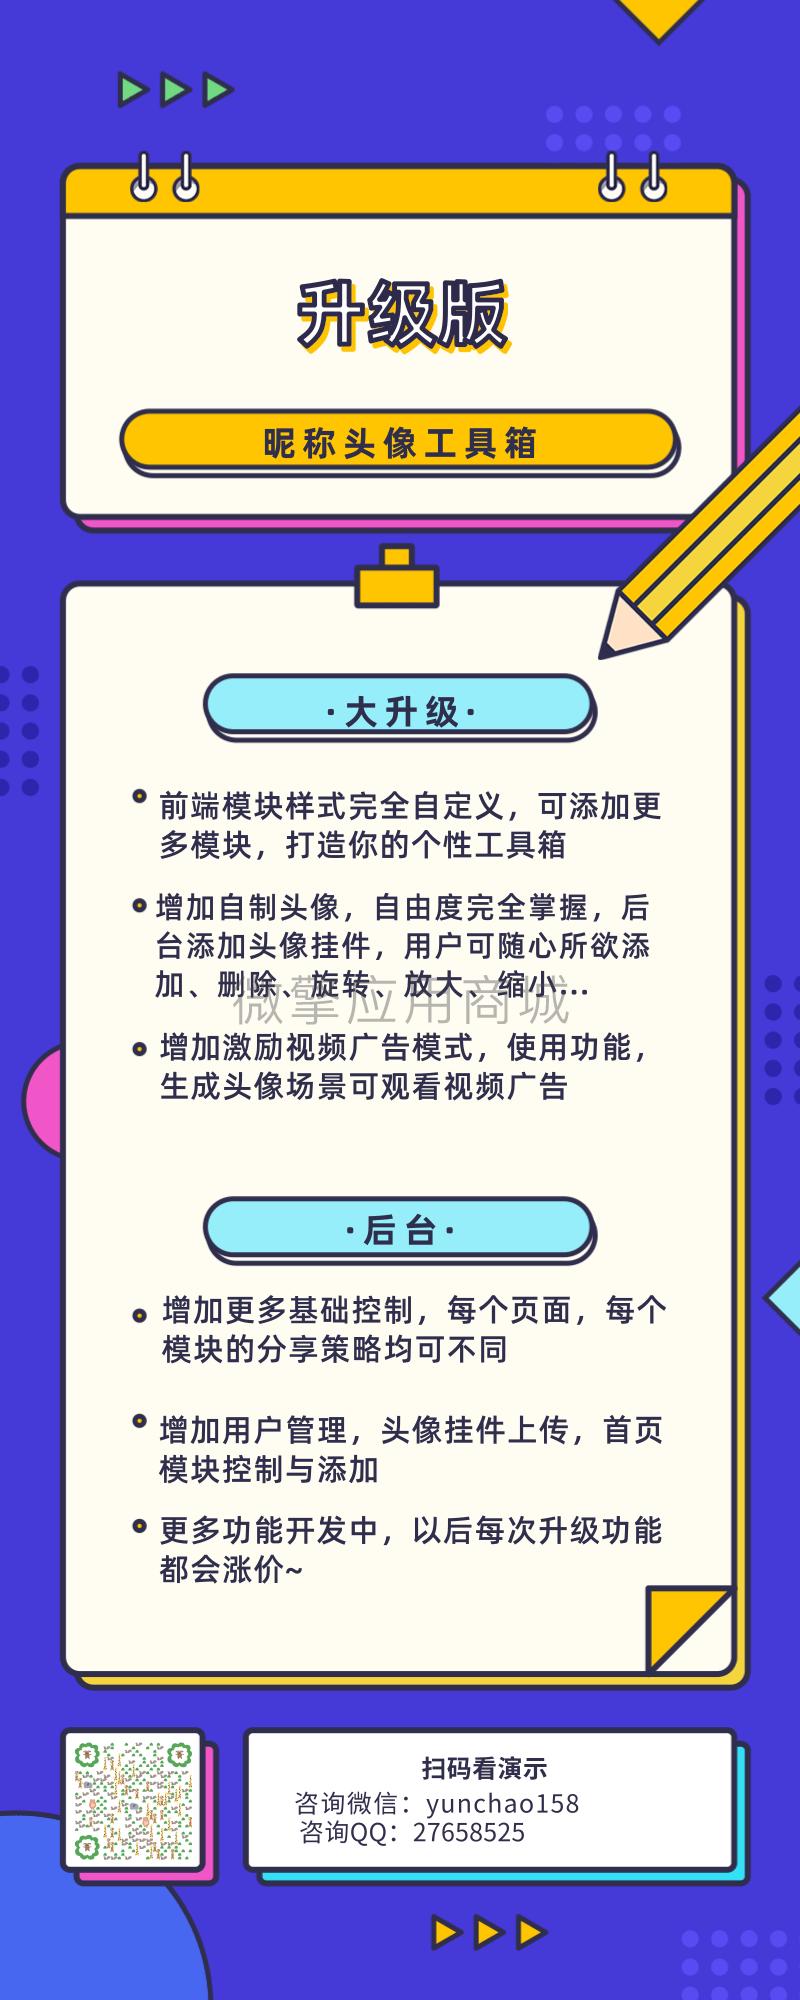 几何描边风年终总结营销长图@凡科快图.png